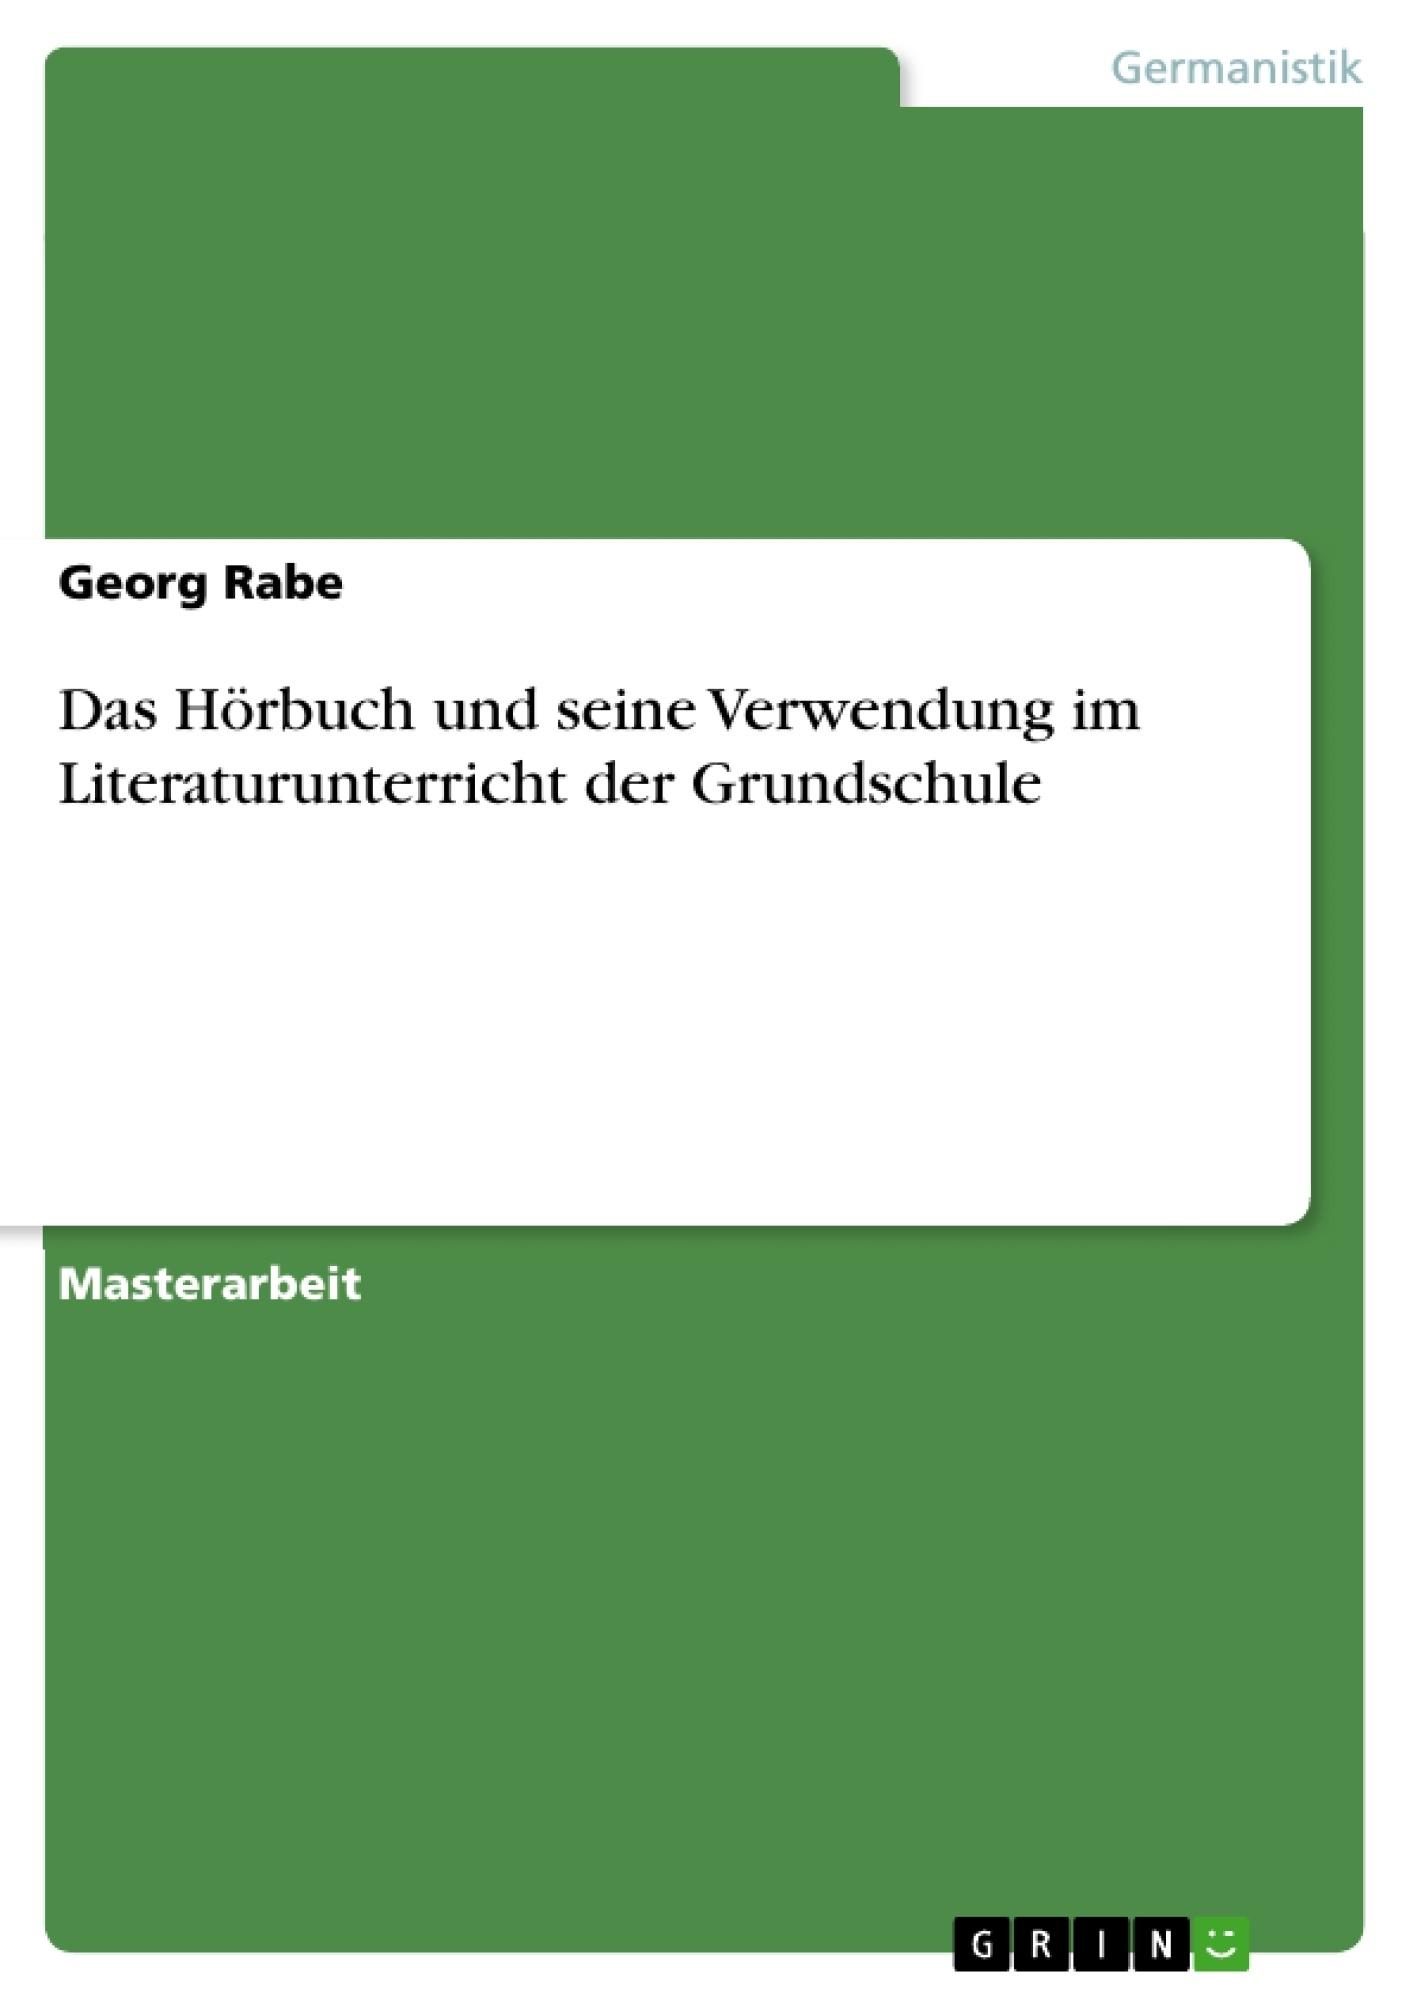 Titel: Das Hörbuch und seine Verwendung im Literaturunterricht der Grundschule